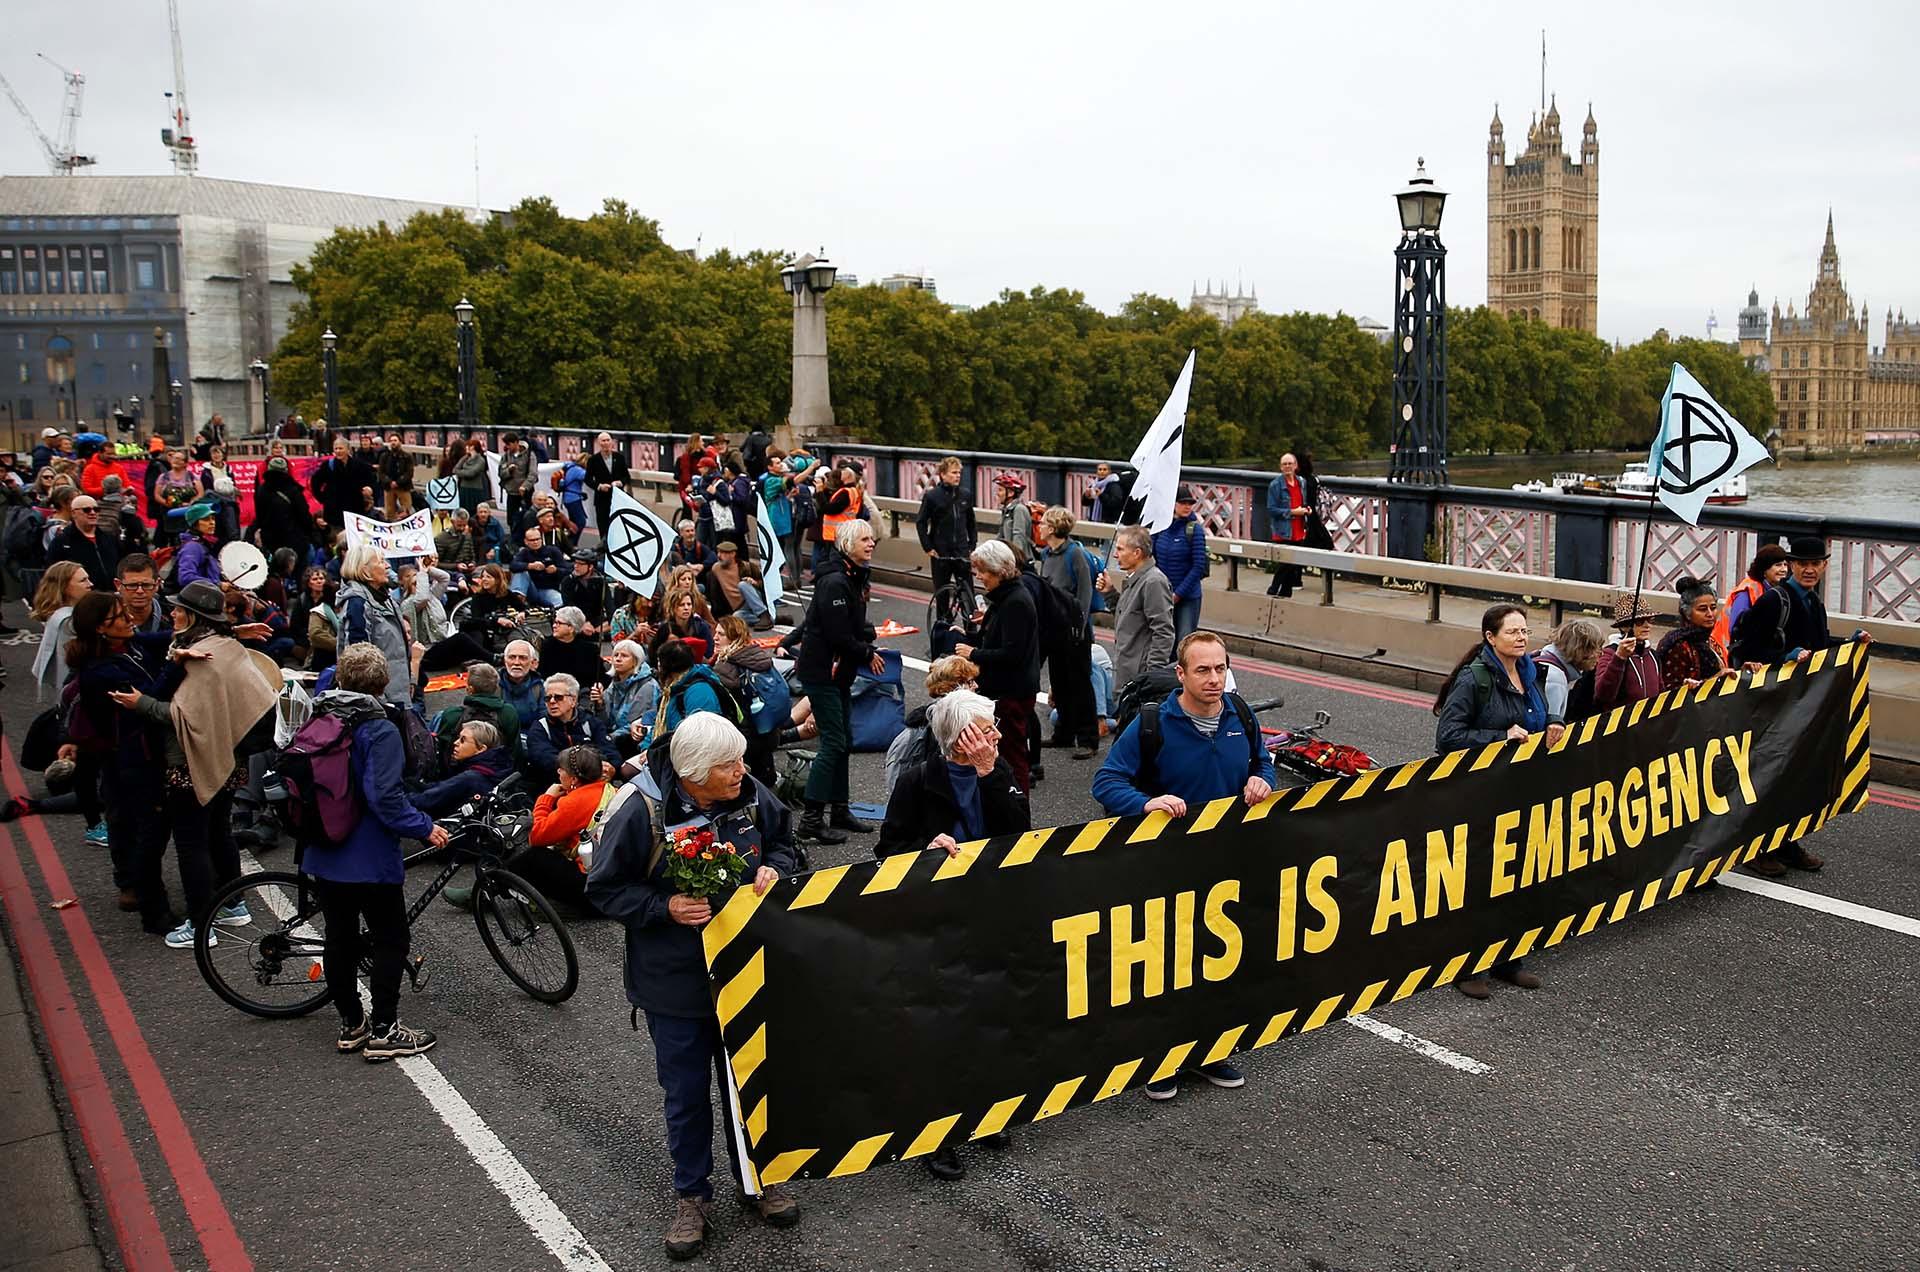 Activistas bloquean el Puente Lambeth durante la protesta de la Rebelión de la Extinción en Londres, Gran Bretaña, el 7 de octubre de 2019. REUTERS / Henry Nicholls